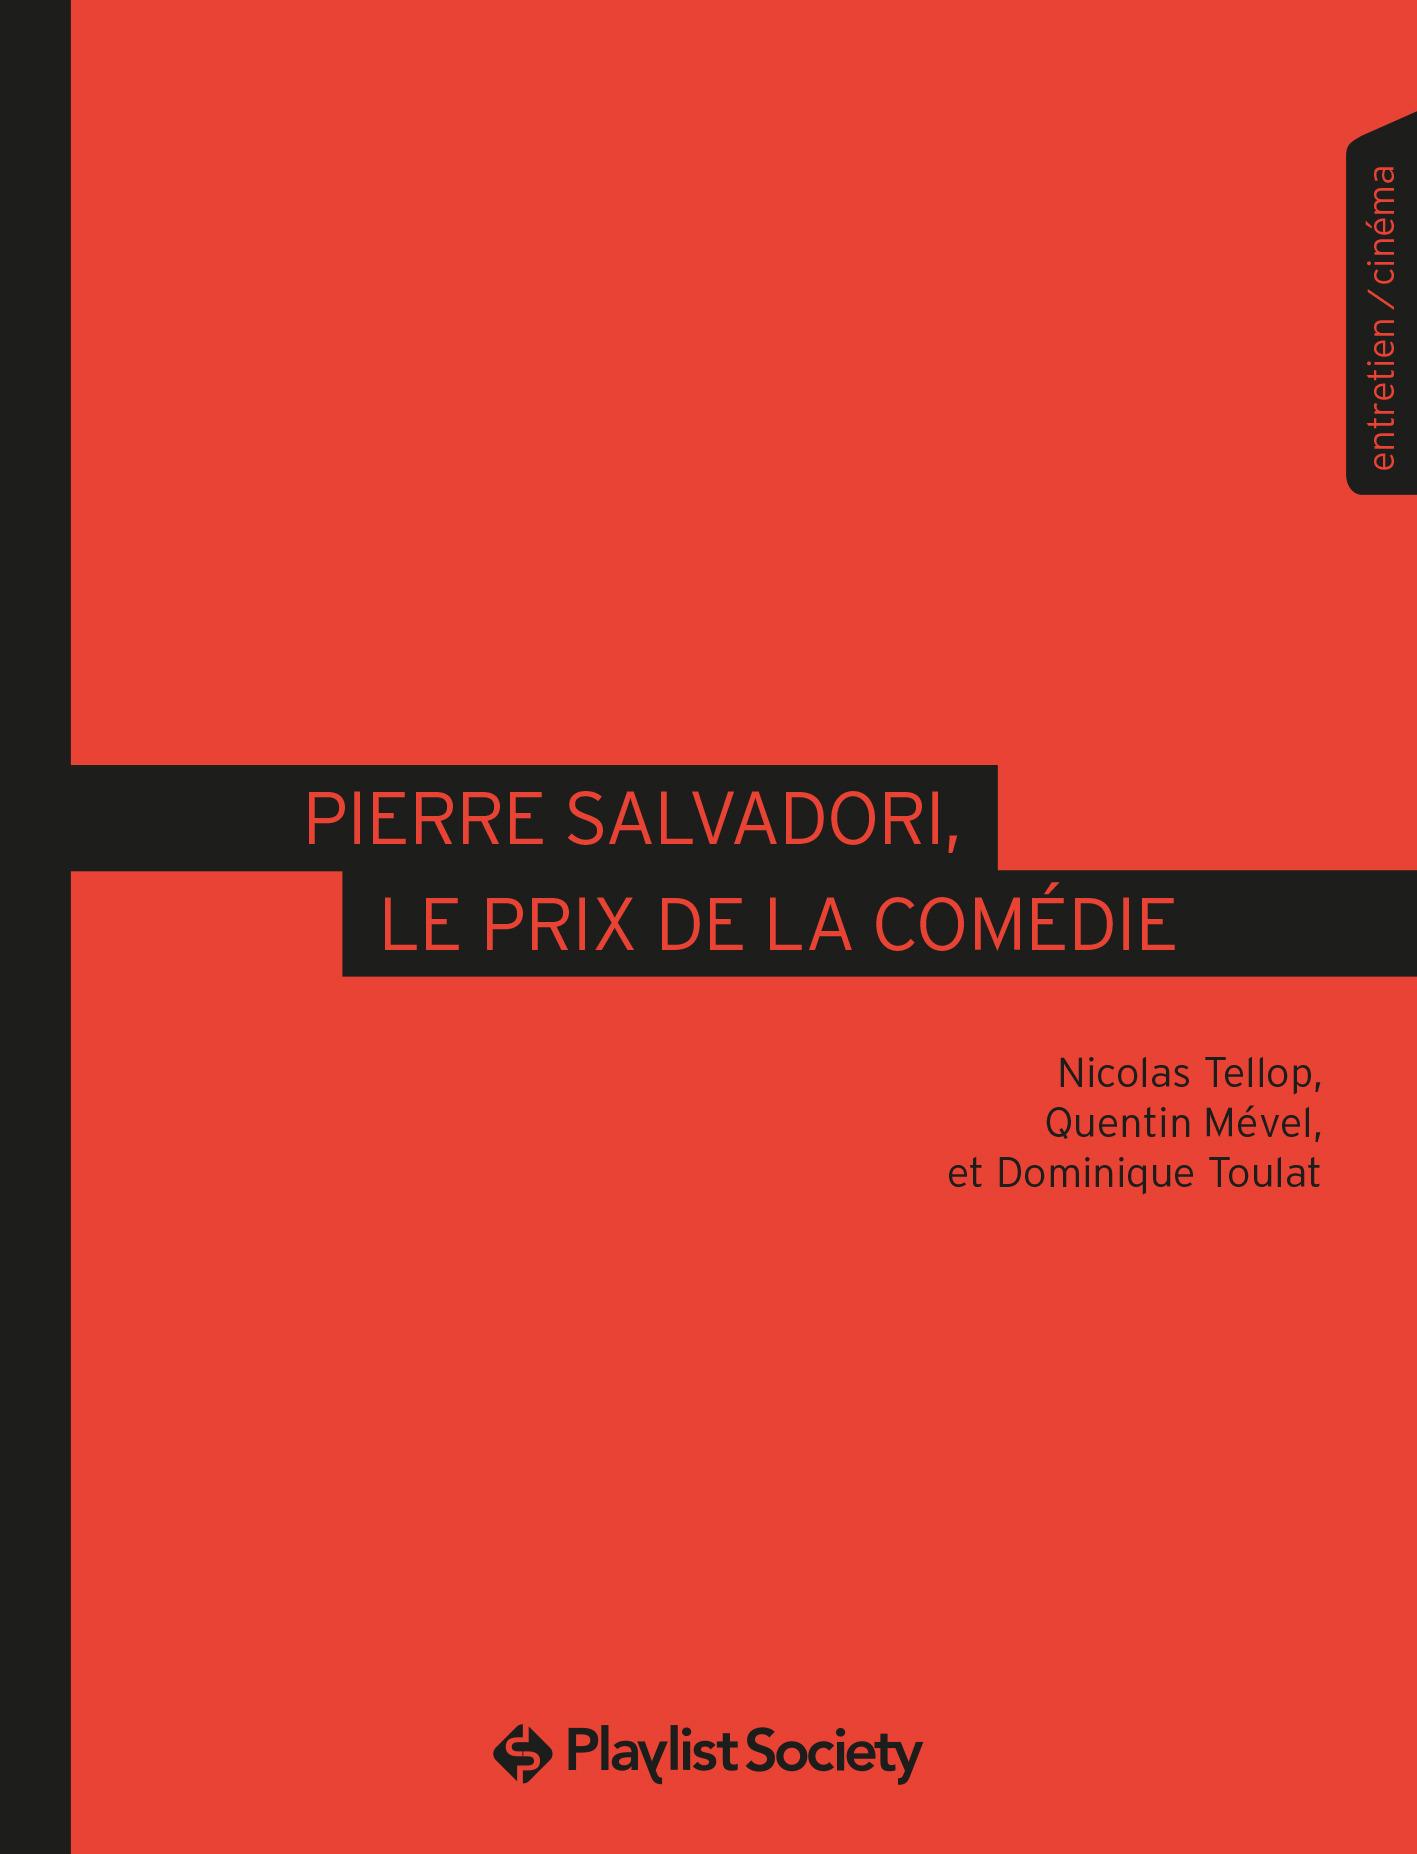 Pierre Salvadori, le prix de la comédie